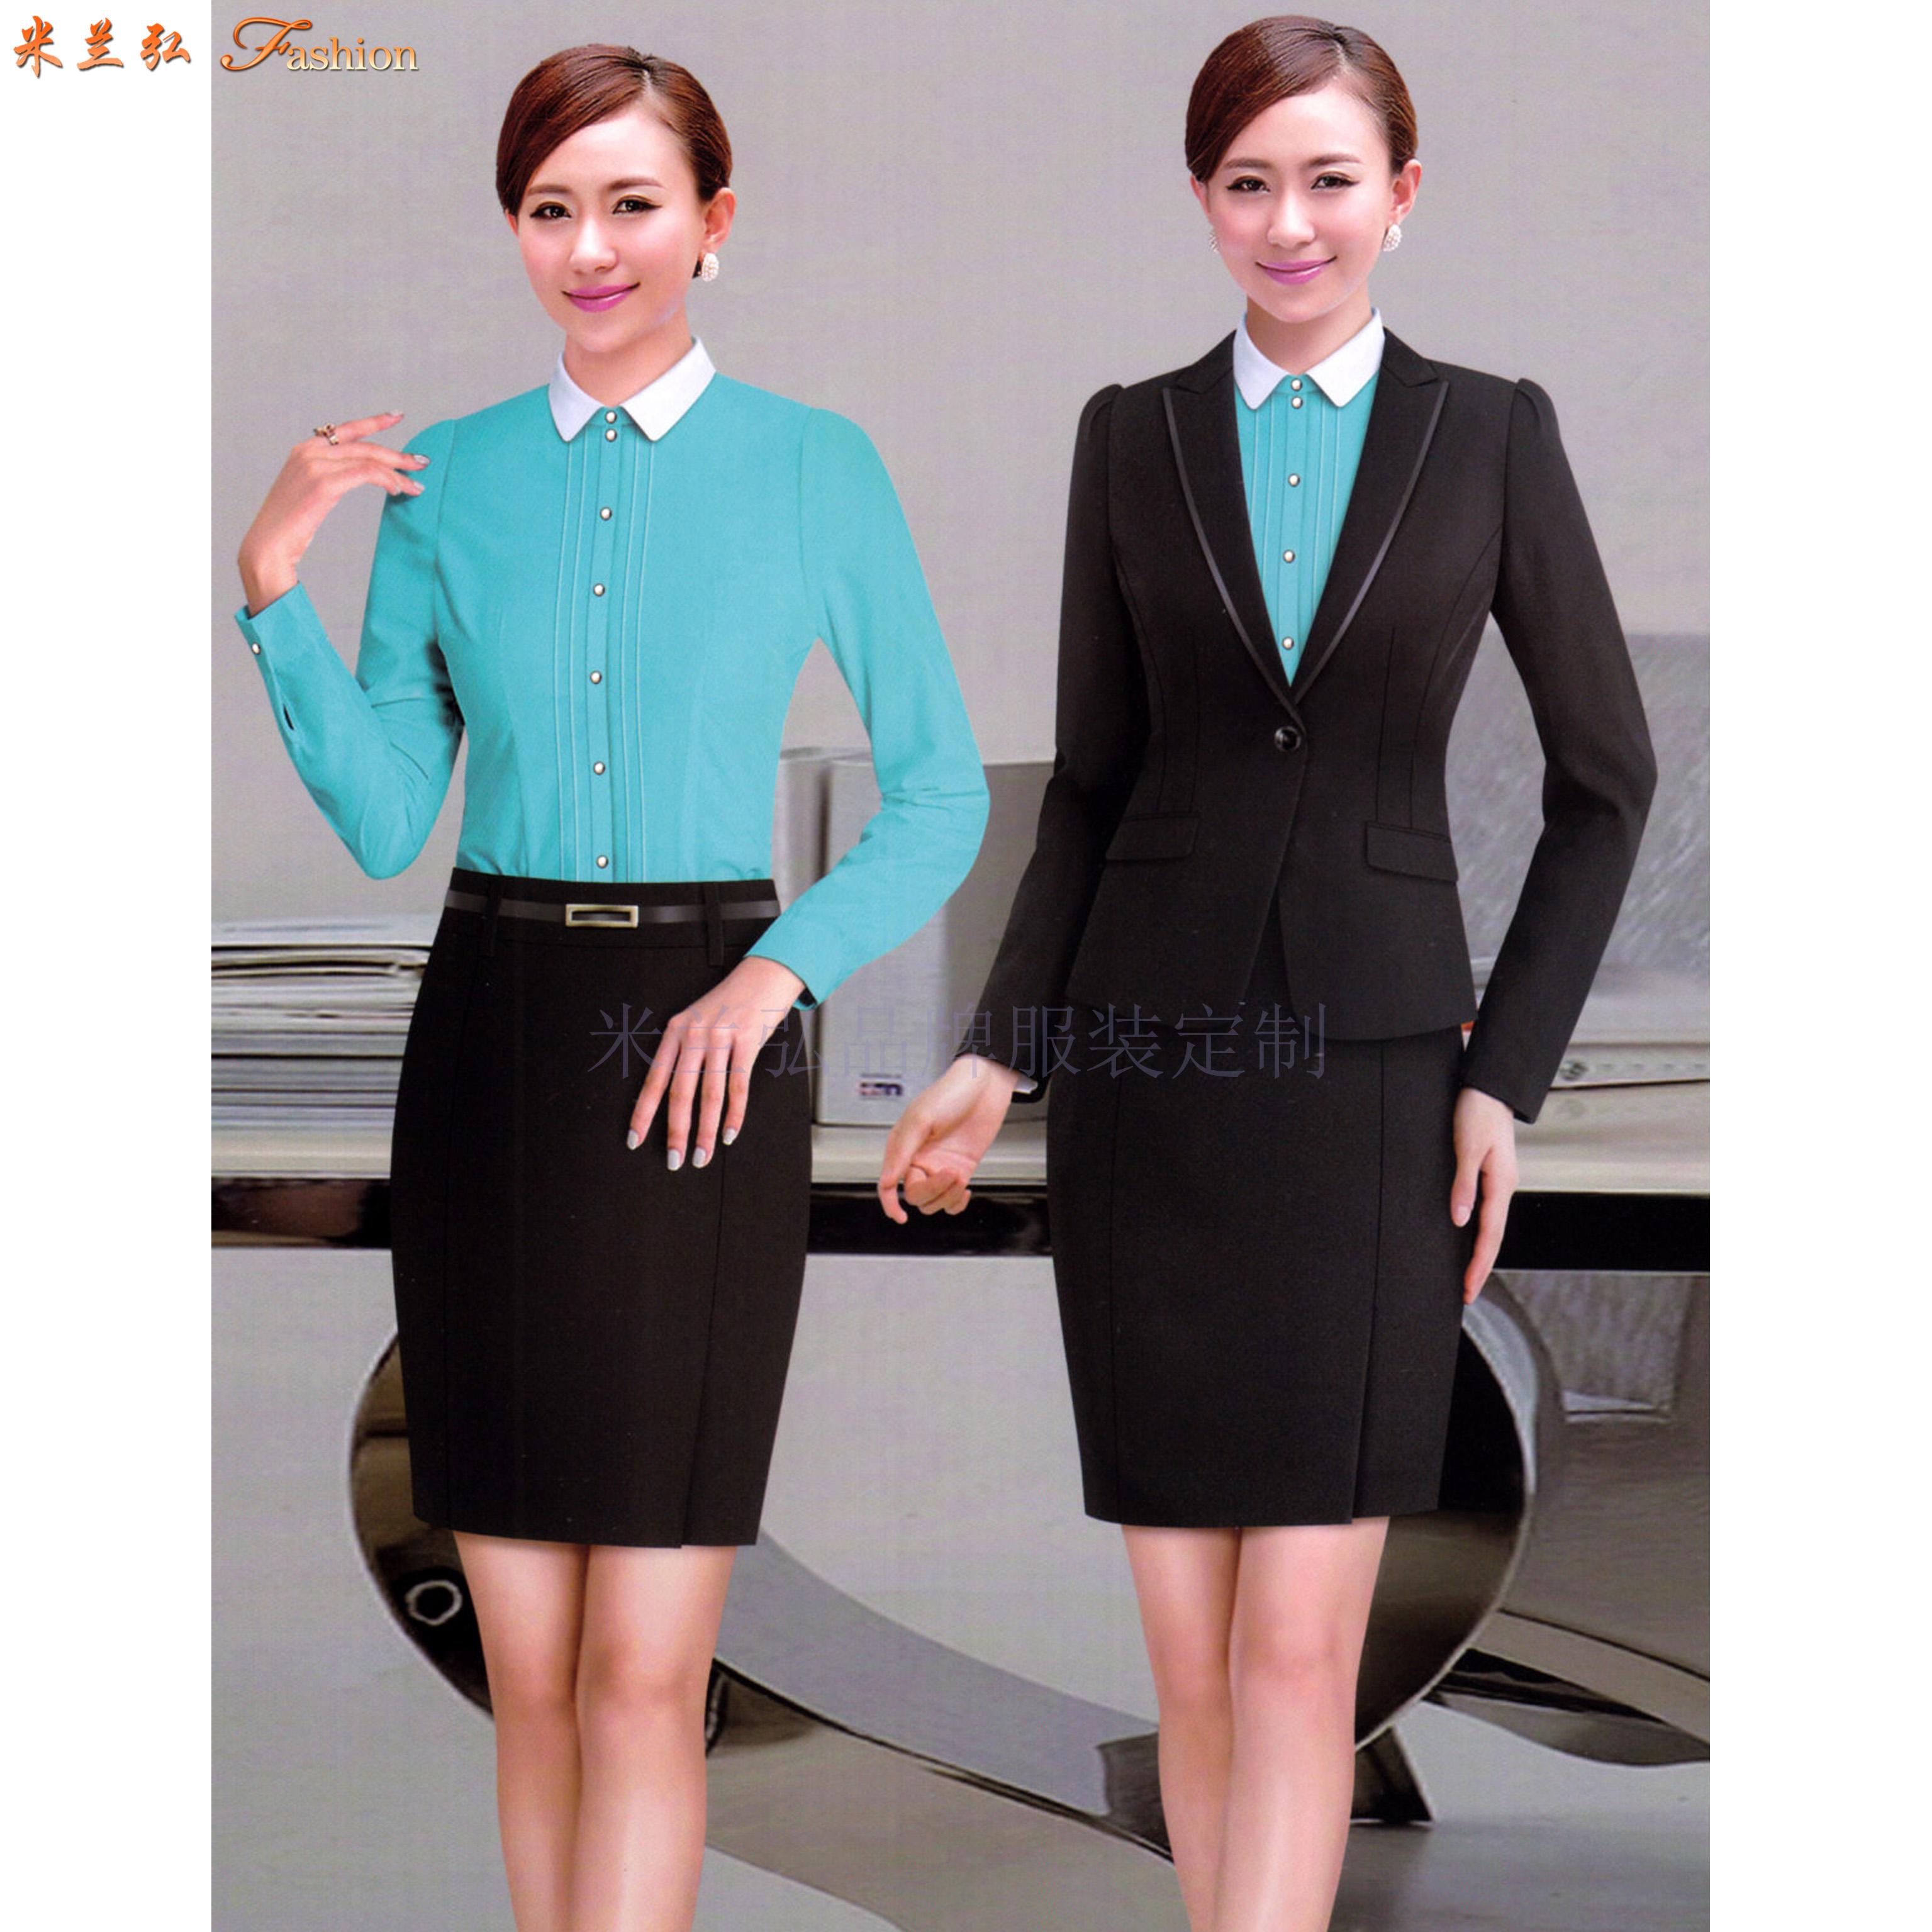 江西西服定制-品牌羊毛西服訂做價格-米蘭弘服裝-2